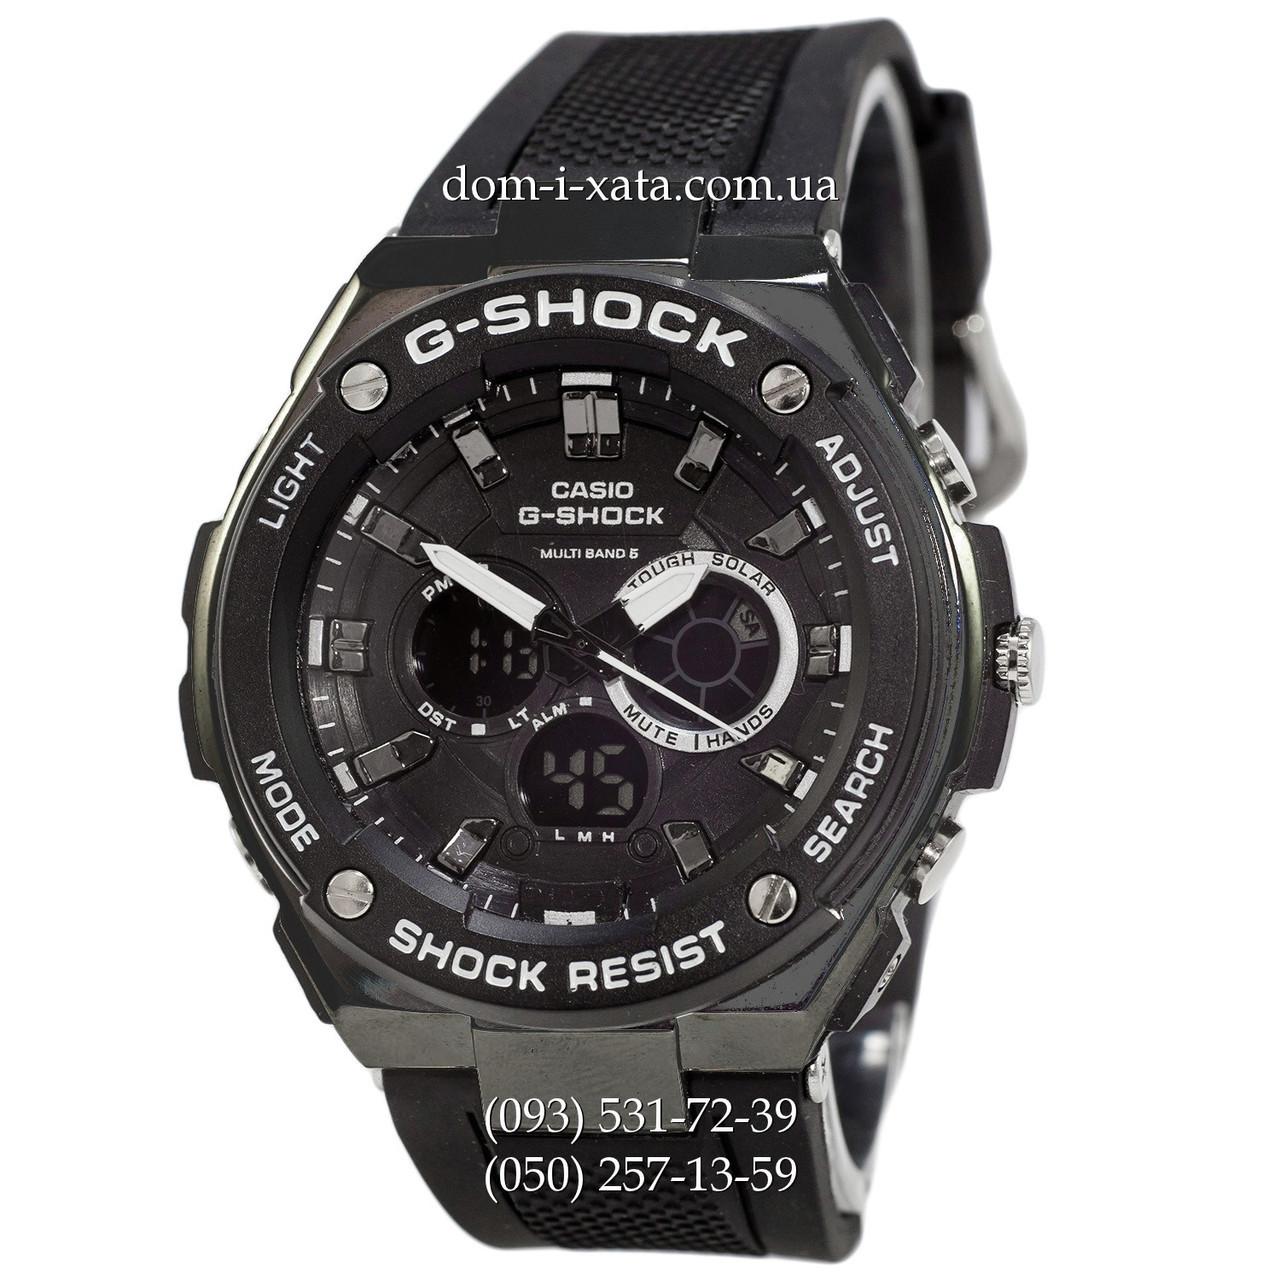 Электронные часы Casio G-Shock GST-210 All Black-White, спортивные часы Джи Шок черный-белый, реплика, отличное качество!